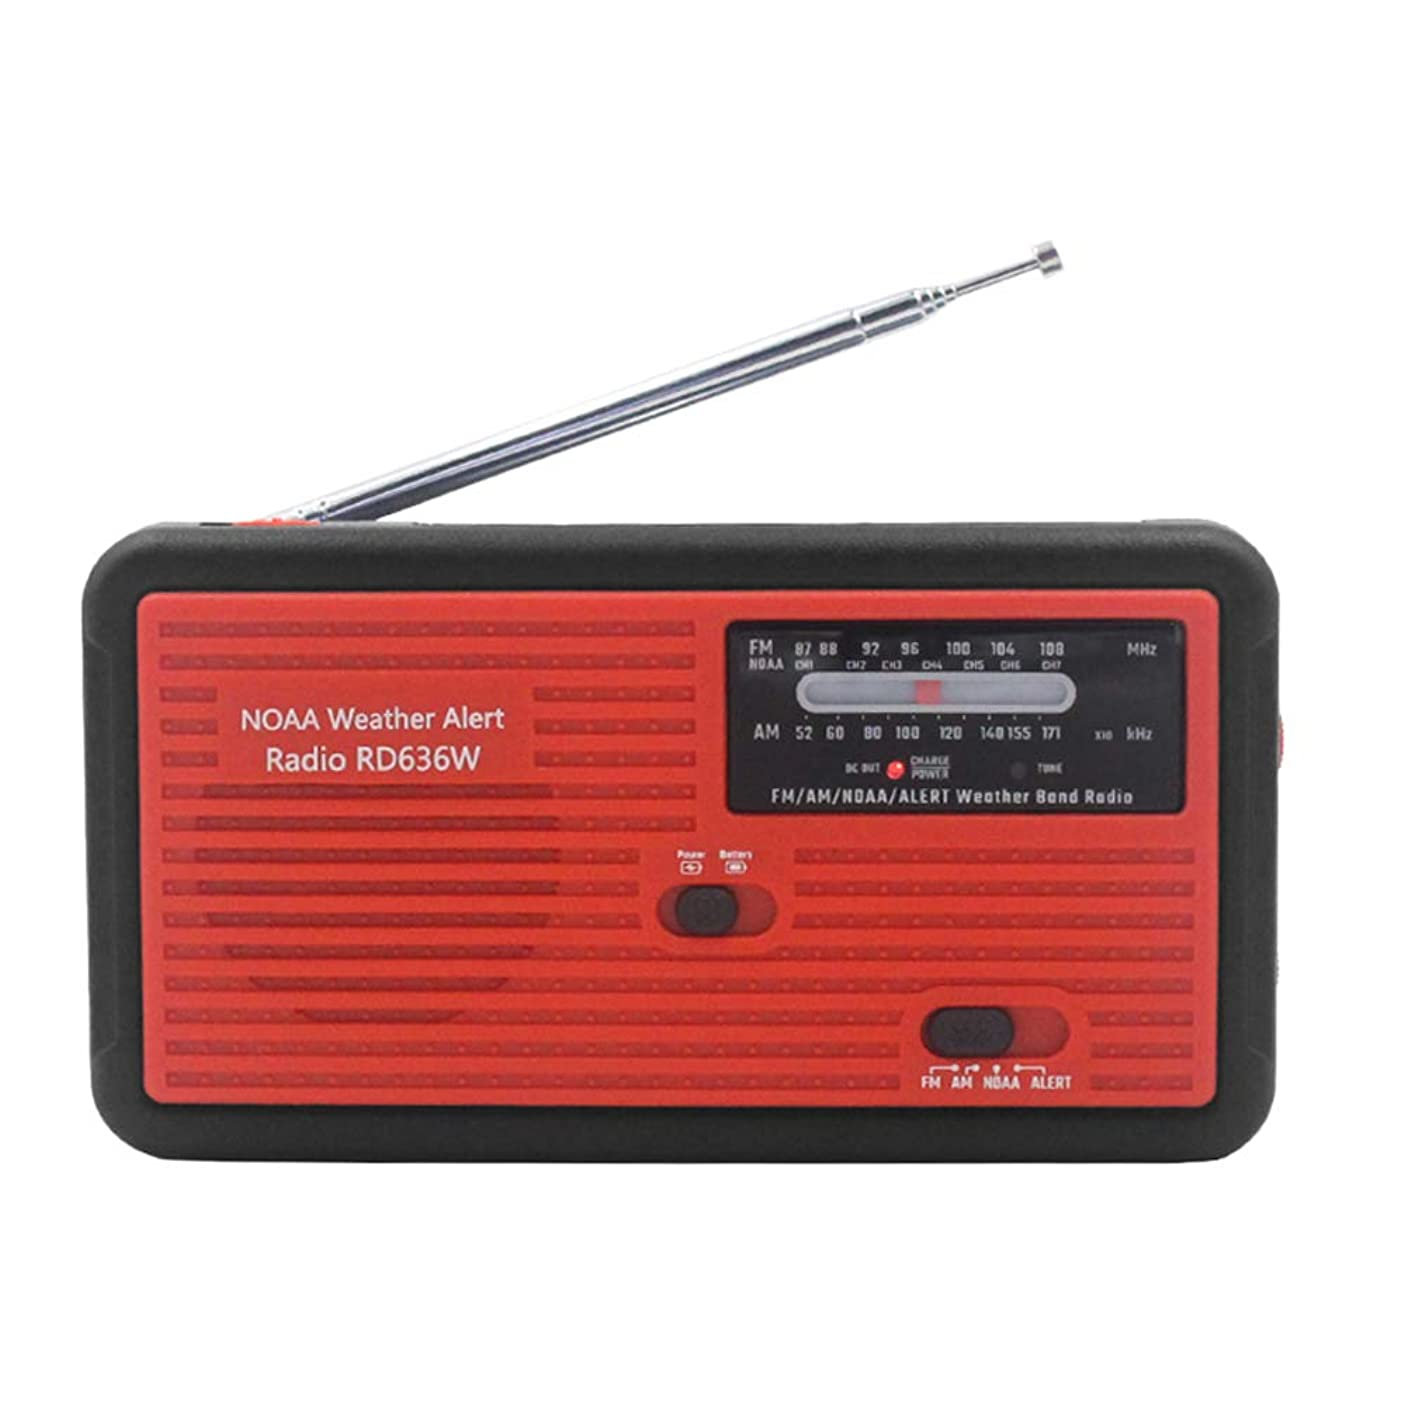 再現するスワップ知り合いになるDocooler RD626 FMラジオ AMラジオ ワイドFM対応 ポータブルラジオ 緊急LED懐中電灯サイレンマイクロ